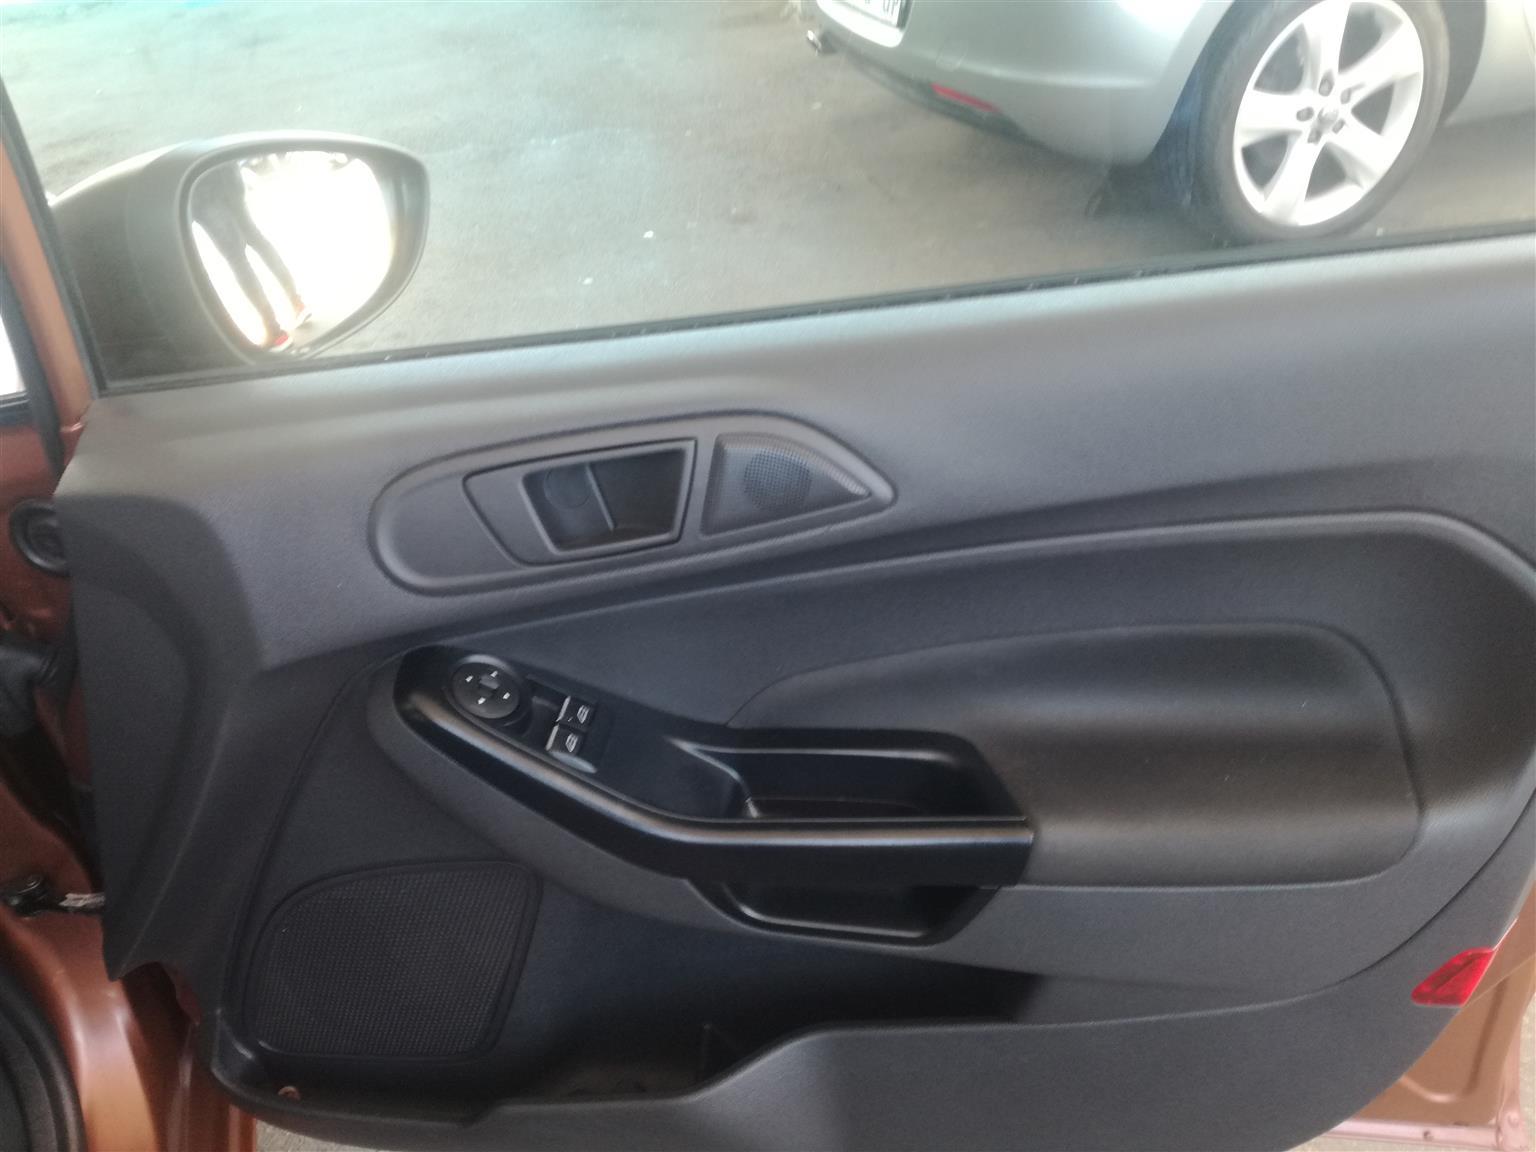 2016 Ford Fiesta sedan 1.6 Ambiente